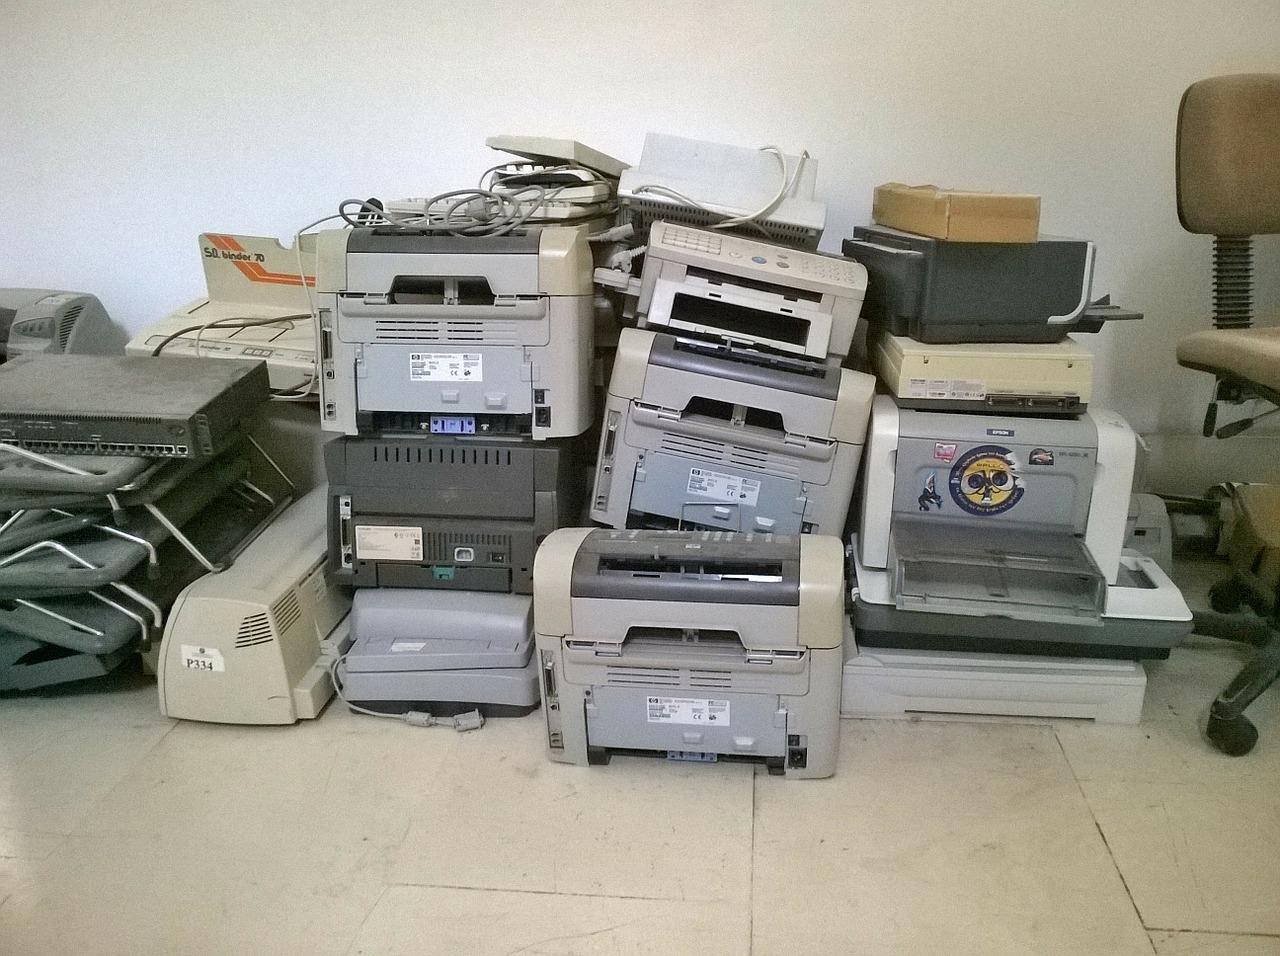 Kiedy przyda nam się serwis drukarek?